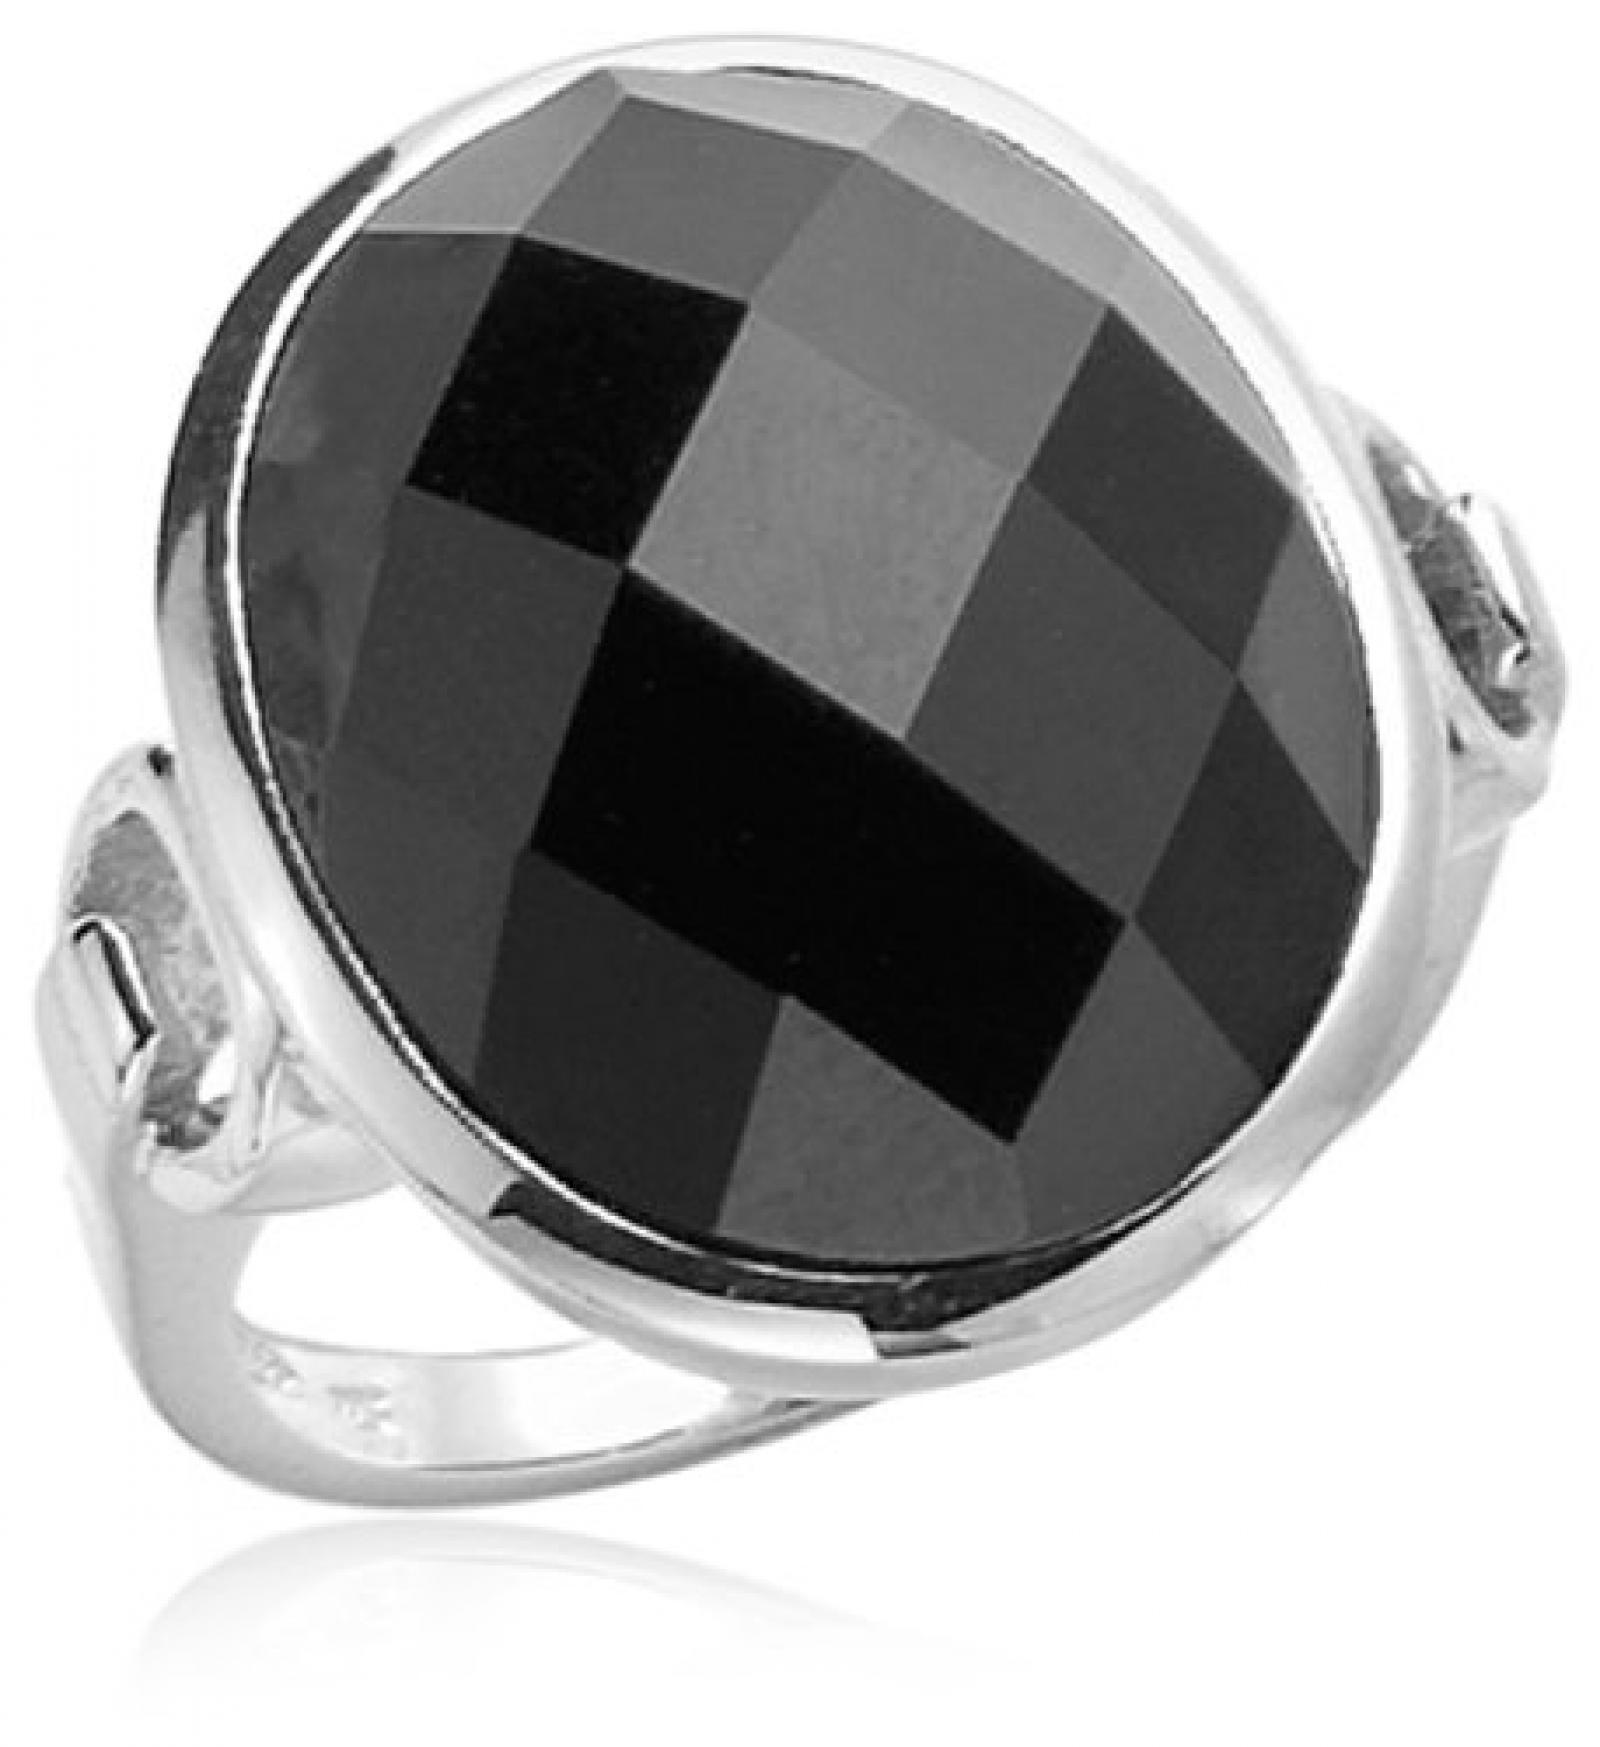 Celesta Damen-Ring 925 Sterlingsilber synth. Onyx Gr. 56 (17.8) 360270916056